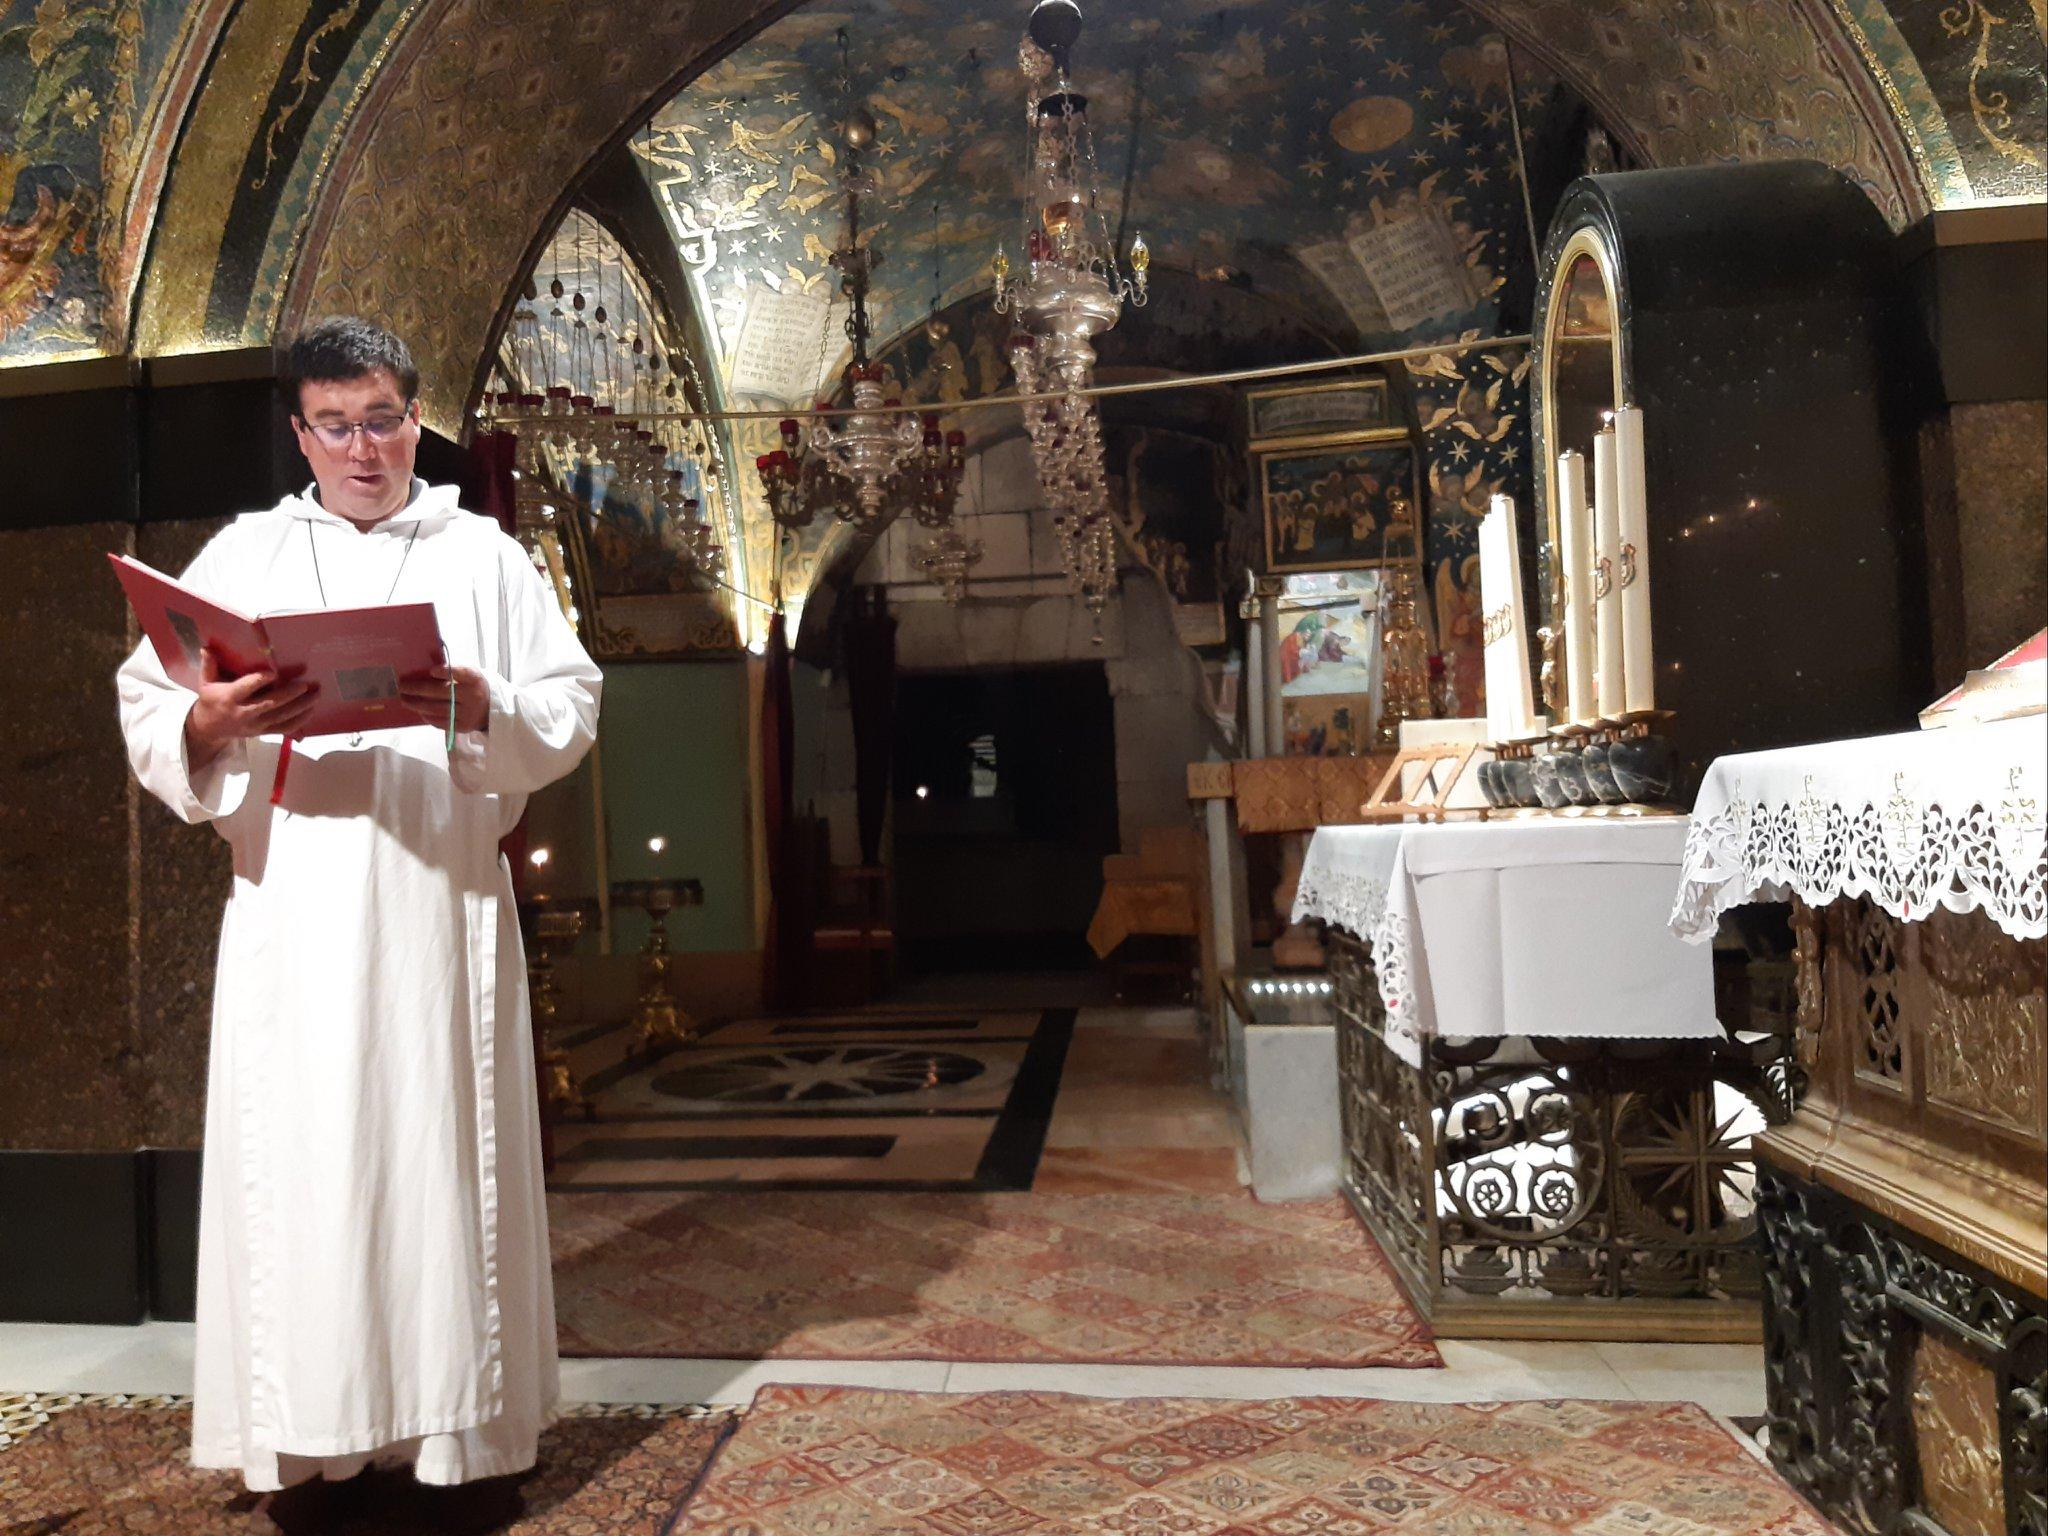 Breves del Monasterio de Séforis